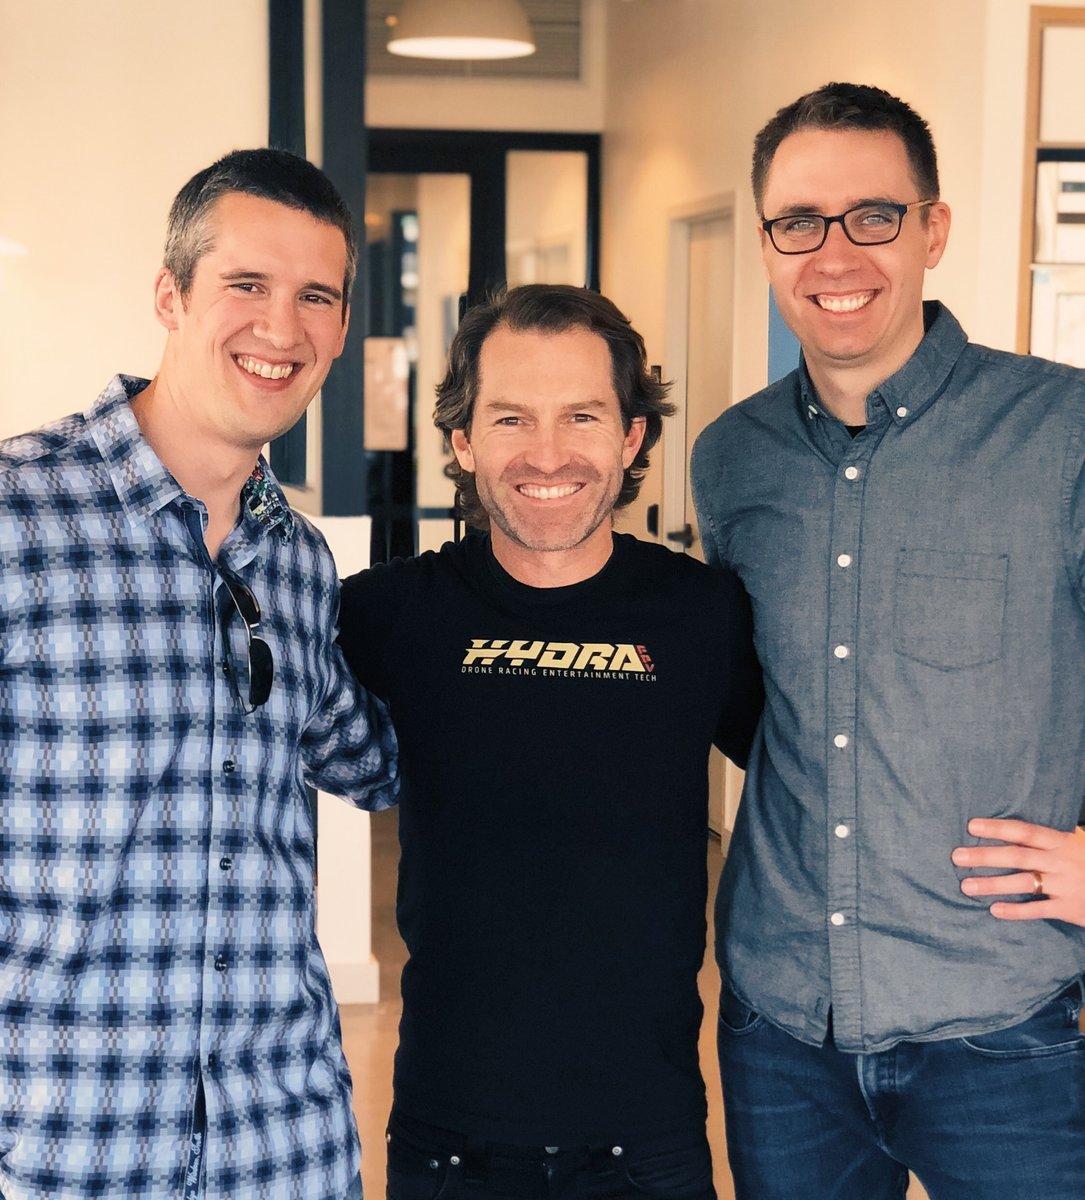 L to R: Matt Otterstatter (CFO), Marty Wetherall (CEO), Joel Stewart (CTO)